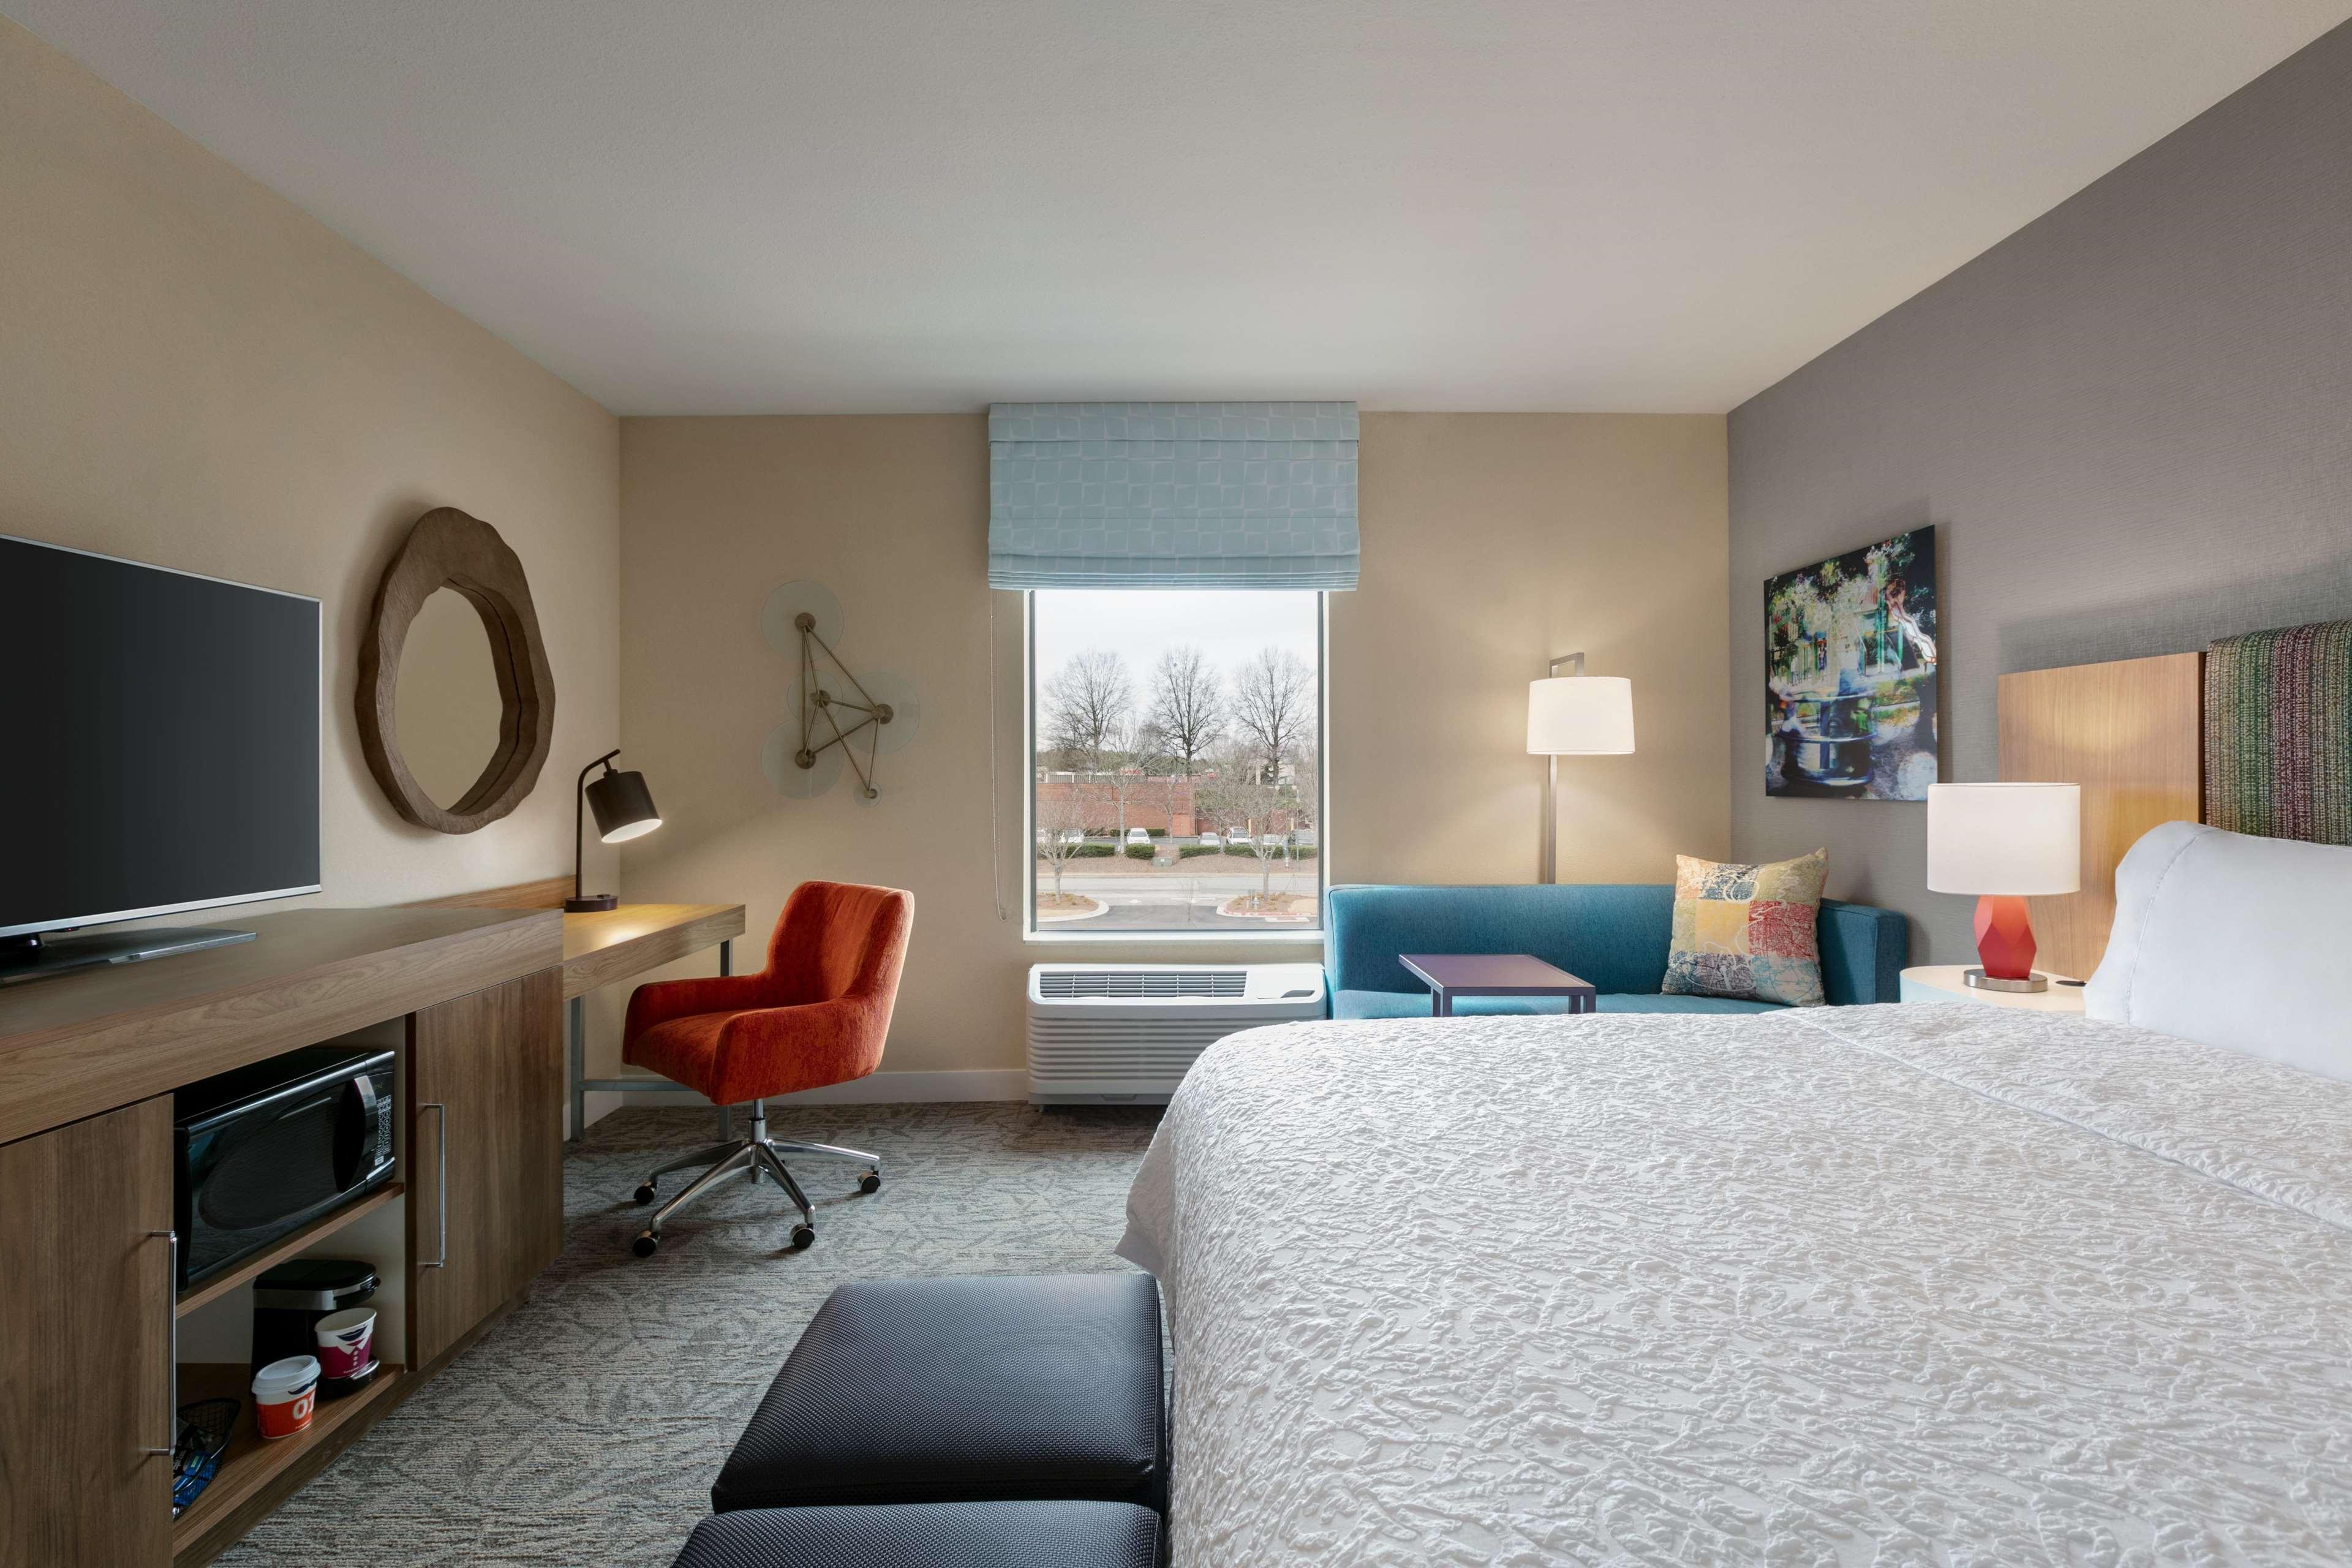 Hampton Inn and Suites Johns Creek image 23